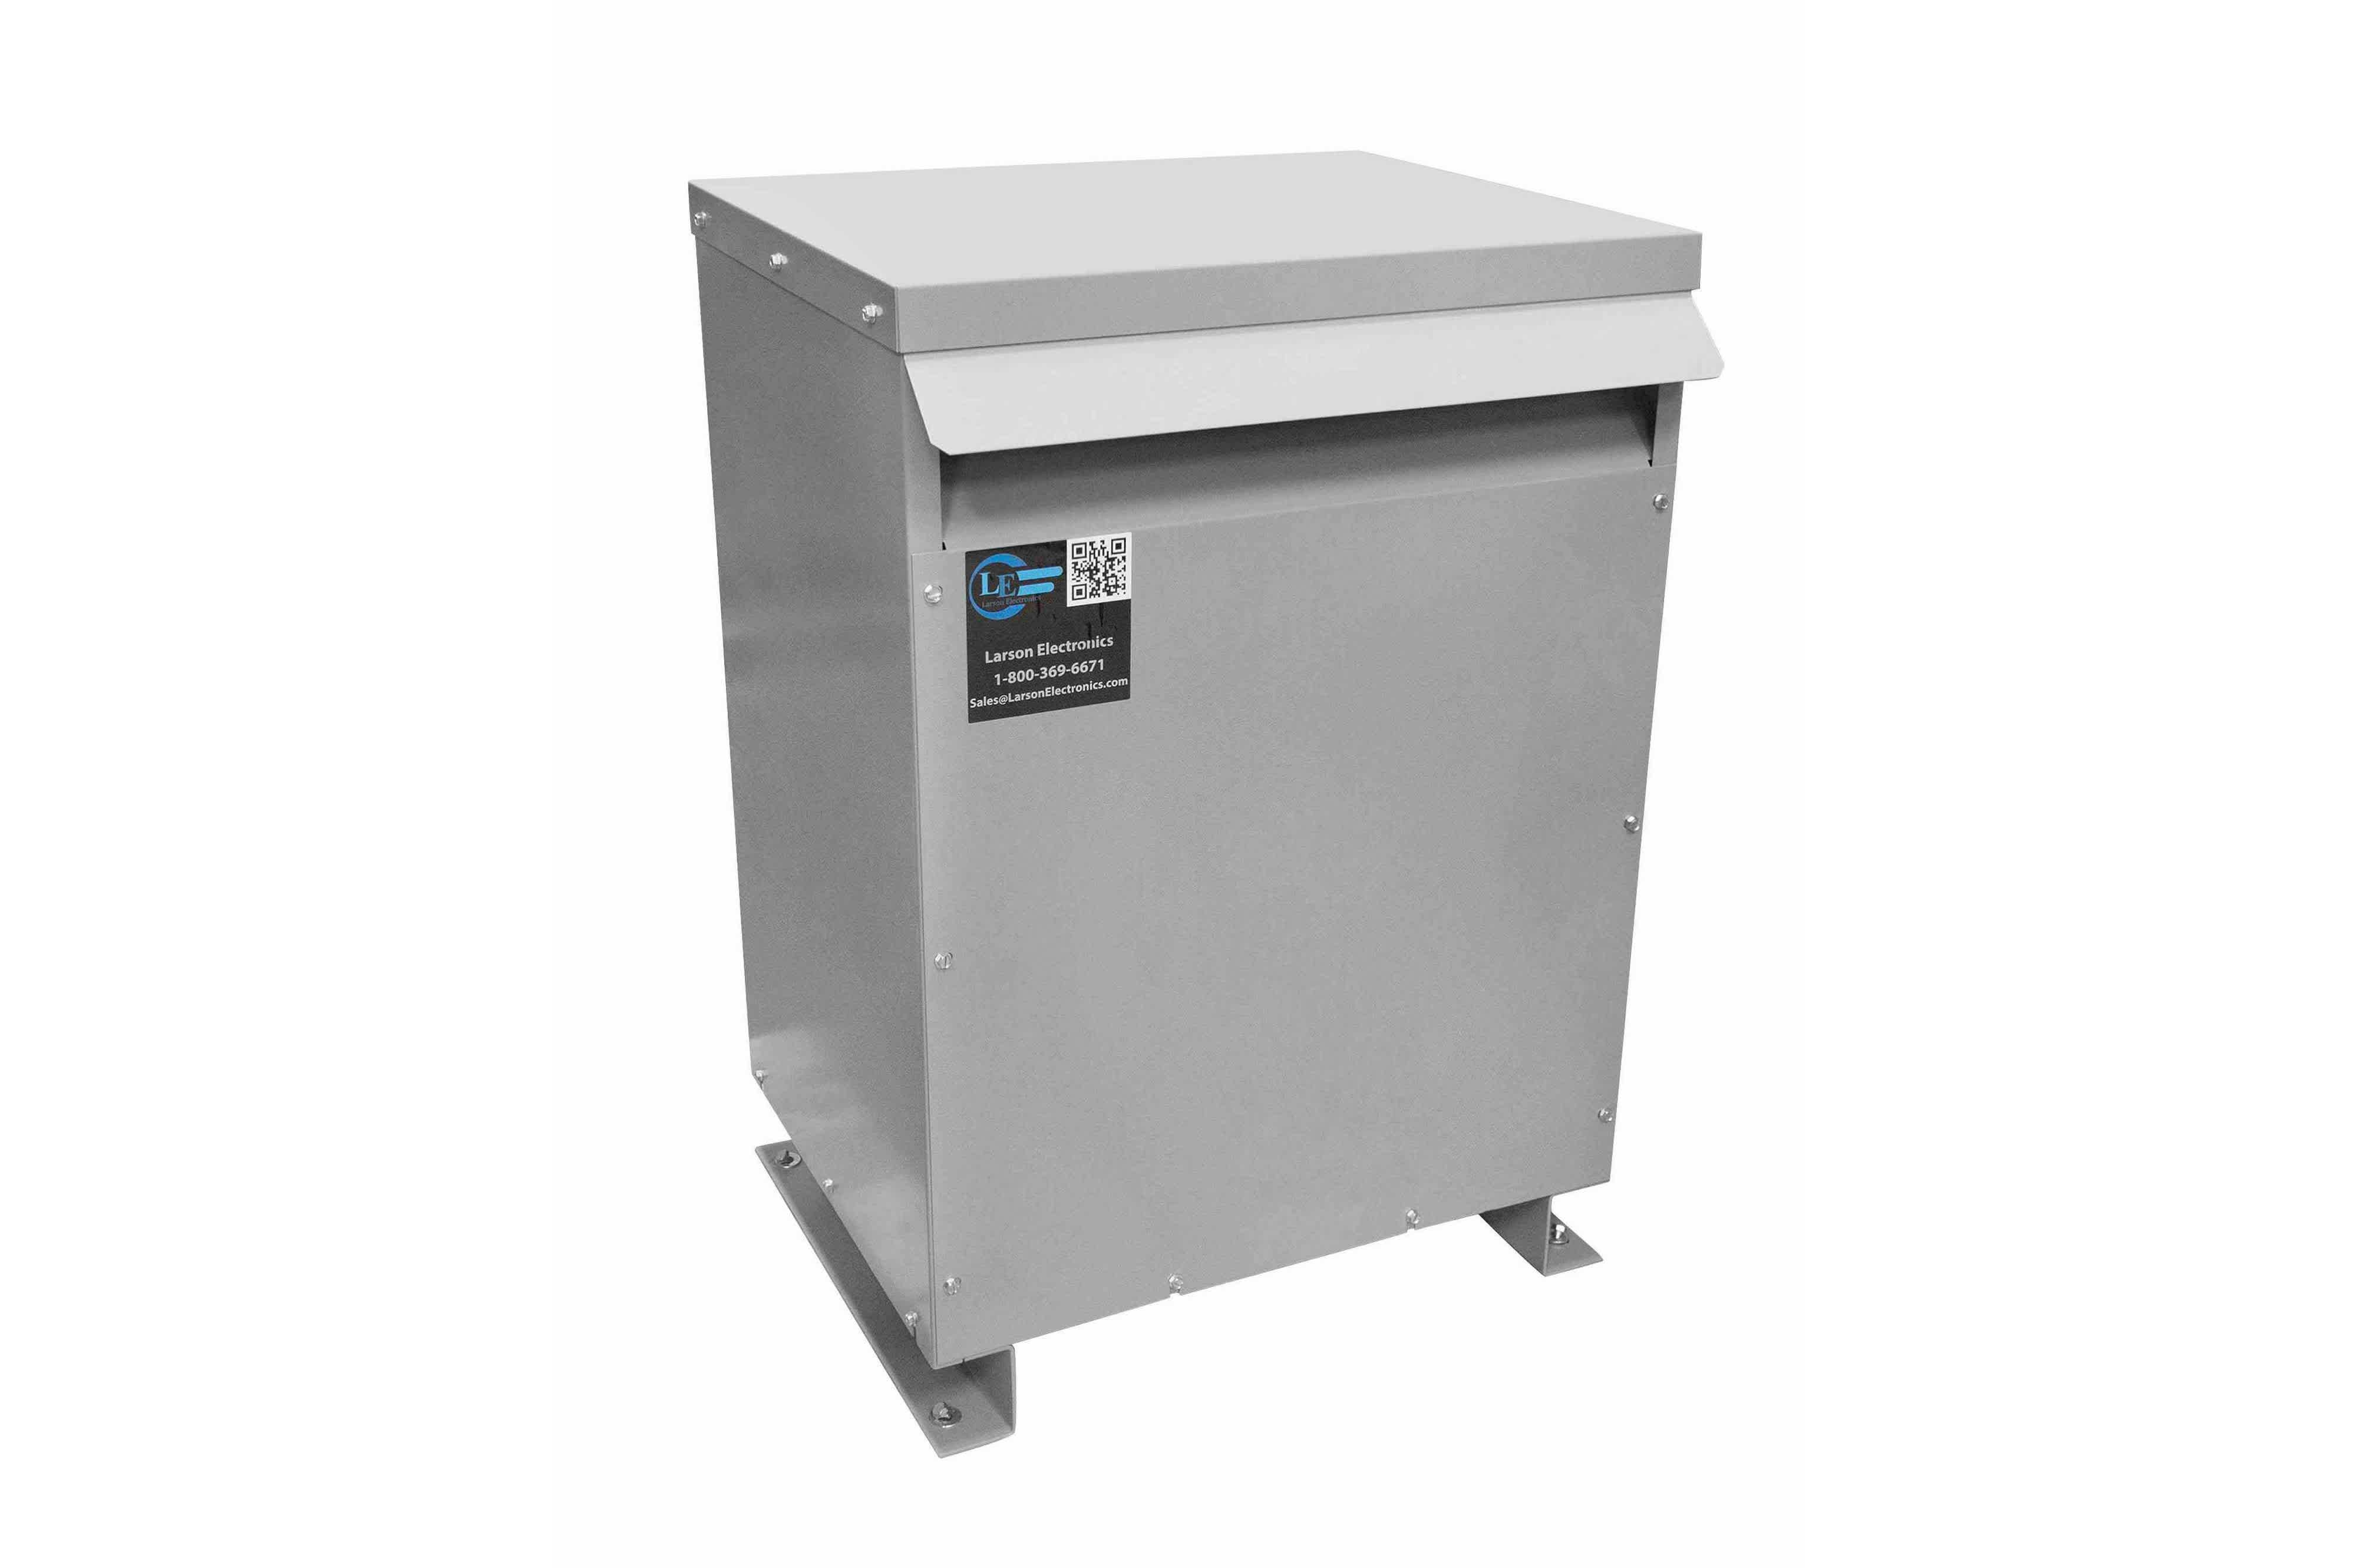 275 kVA 3PH Isolation Transformer, 400V Delta Primary, 480V Delta Secondary, N3R, Ventilated, 60 Hz